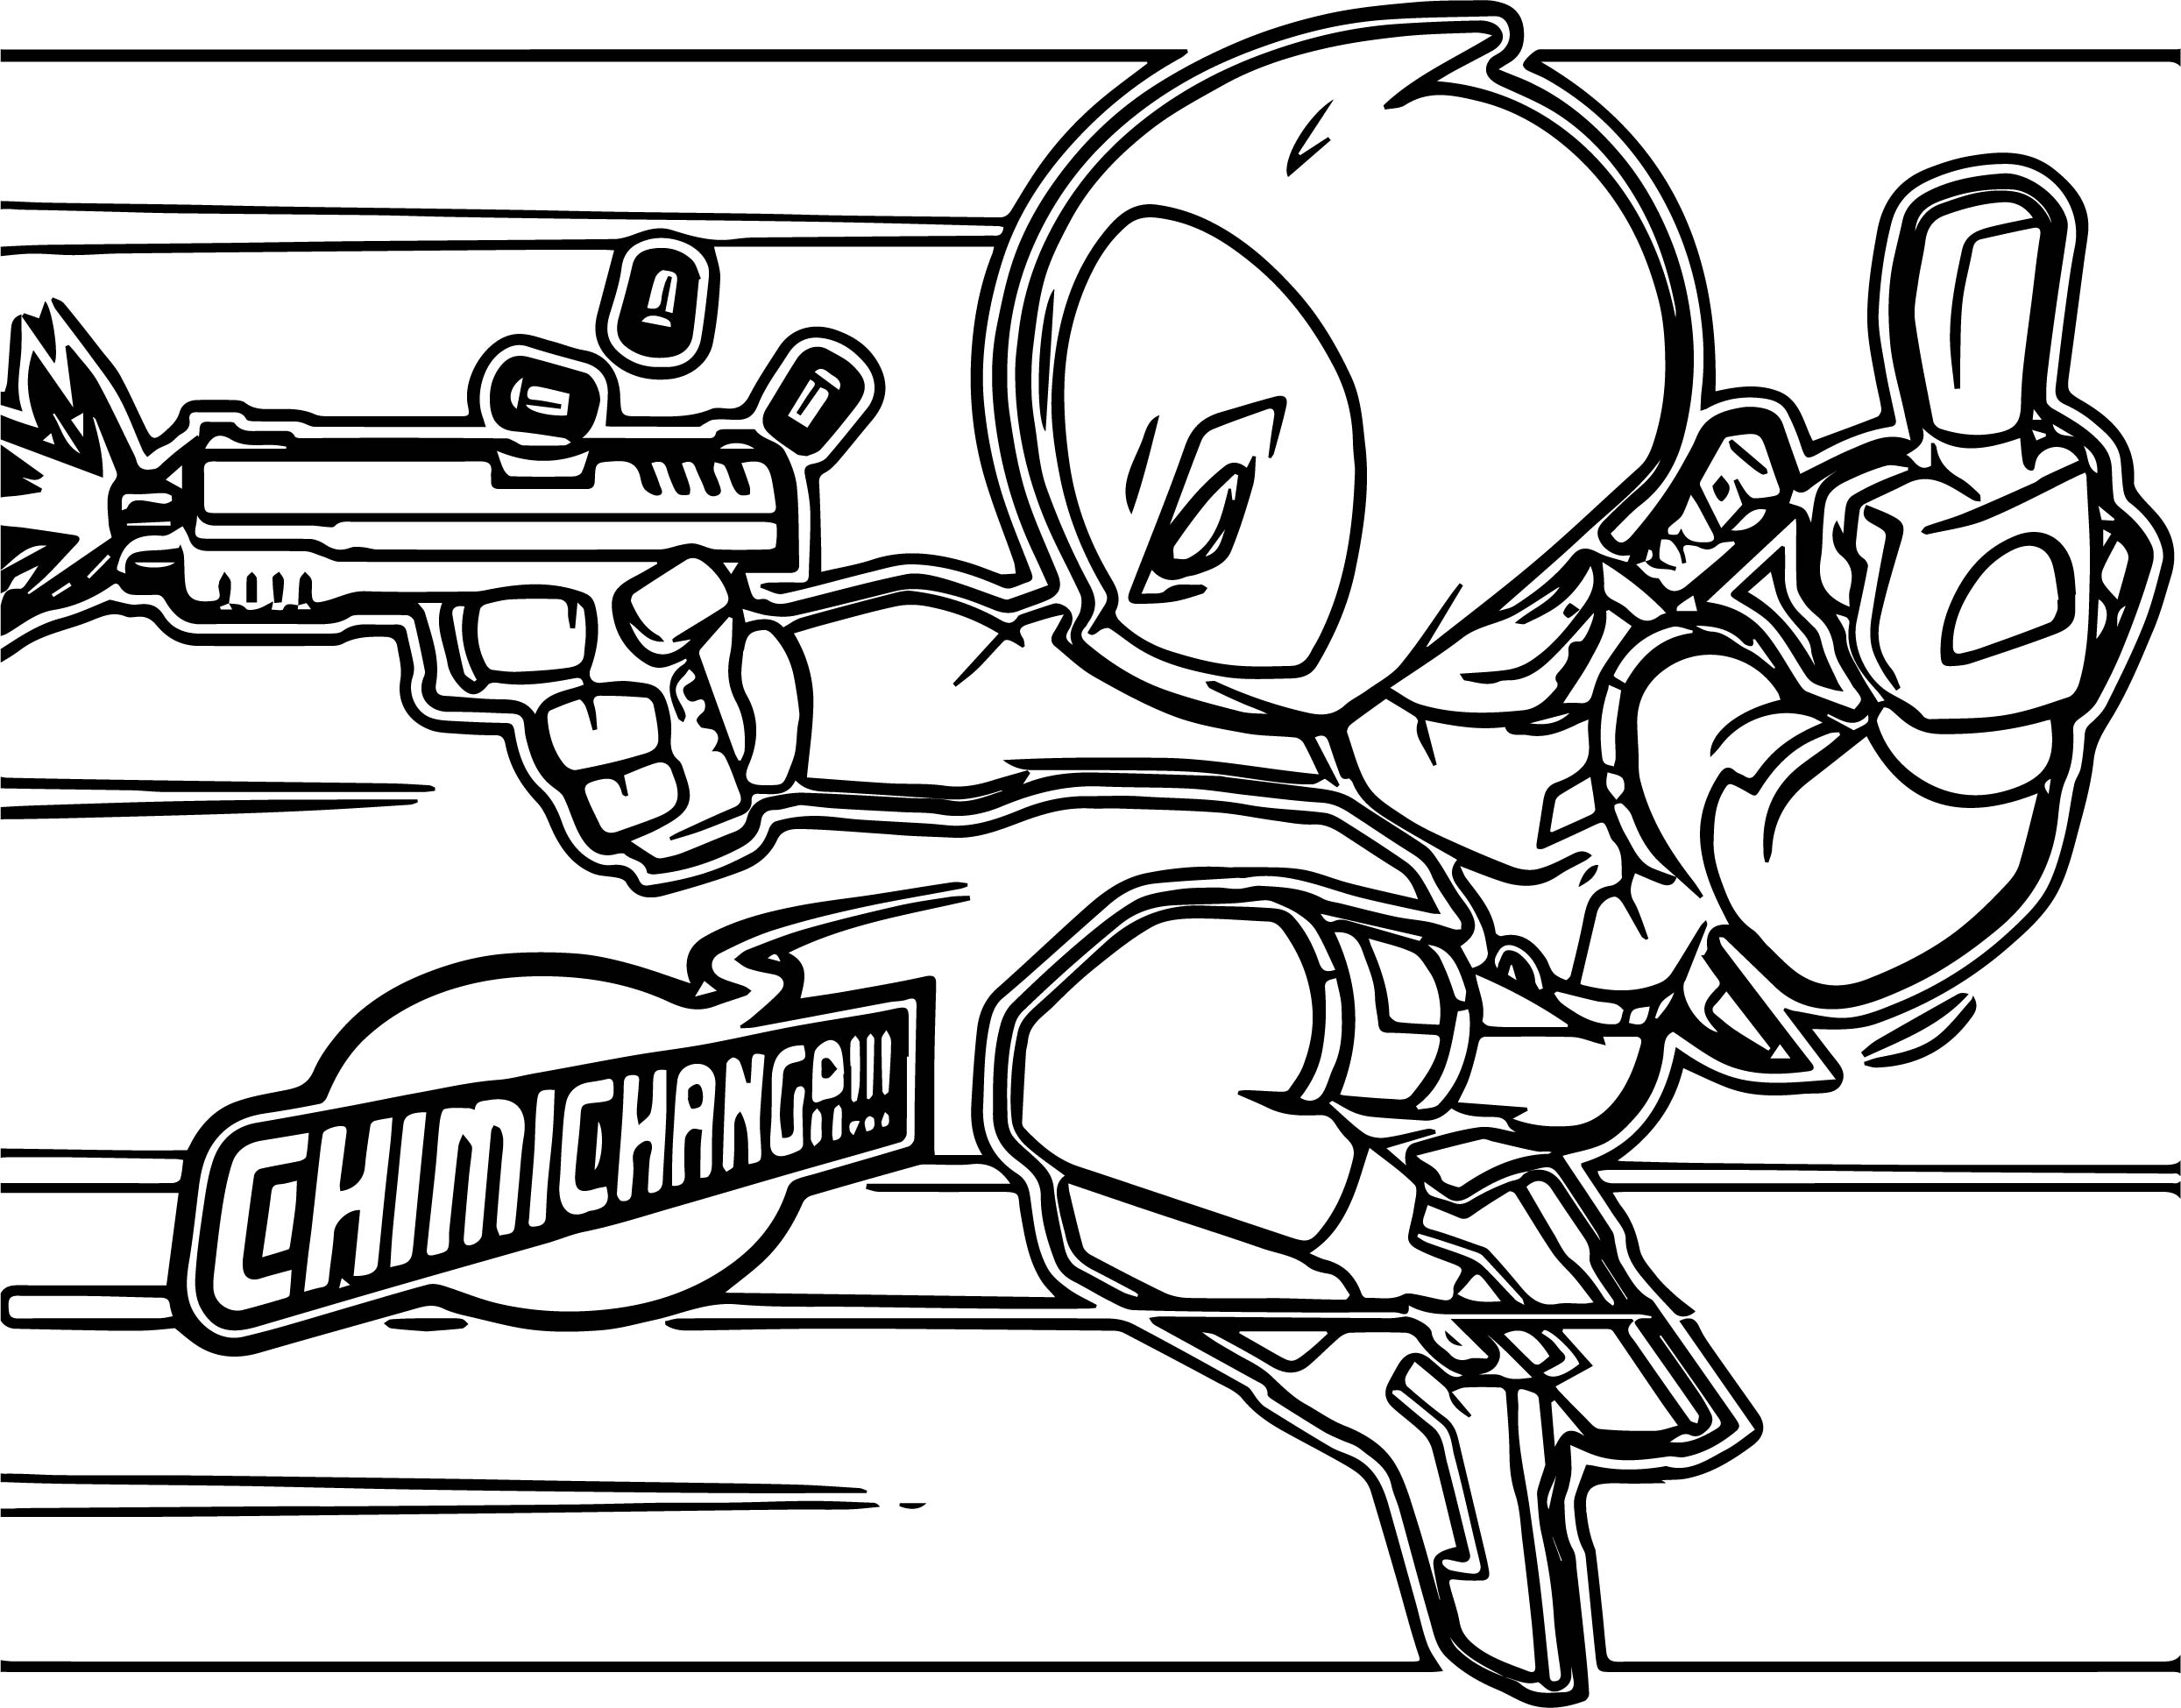 Deadpool Chimichanga Coloring Page